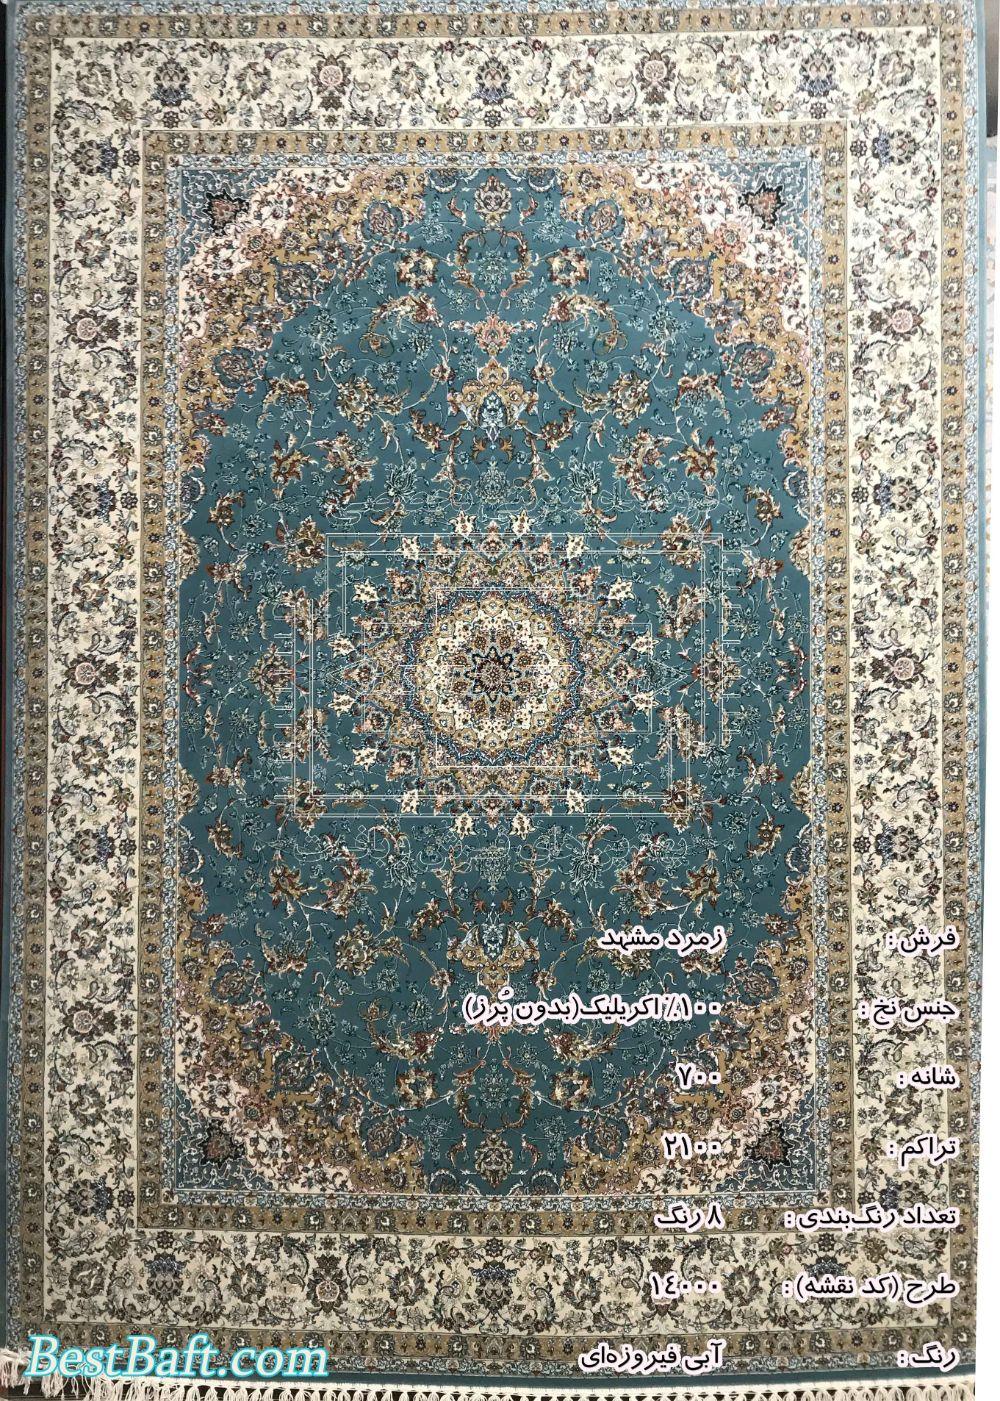 مشخصات، قیمت و خرید فرش زمرد مشهد کد 14000 آبی فیروزه ای 700 شانه